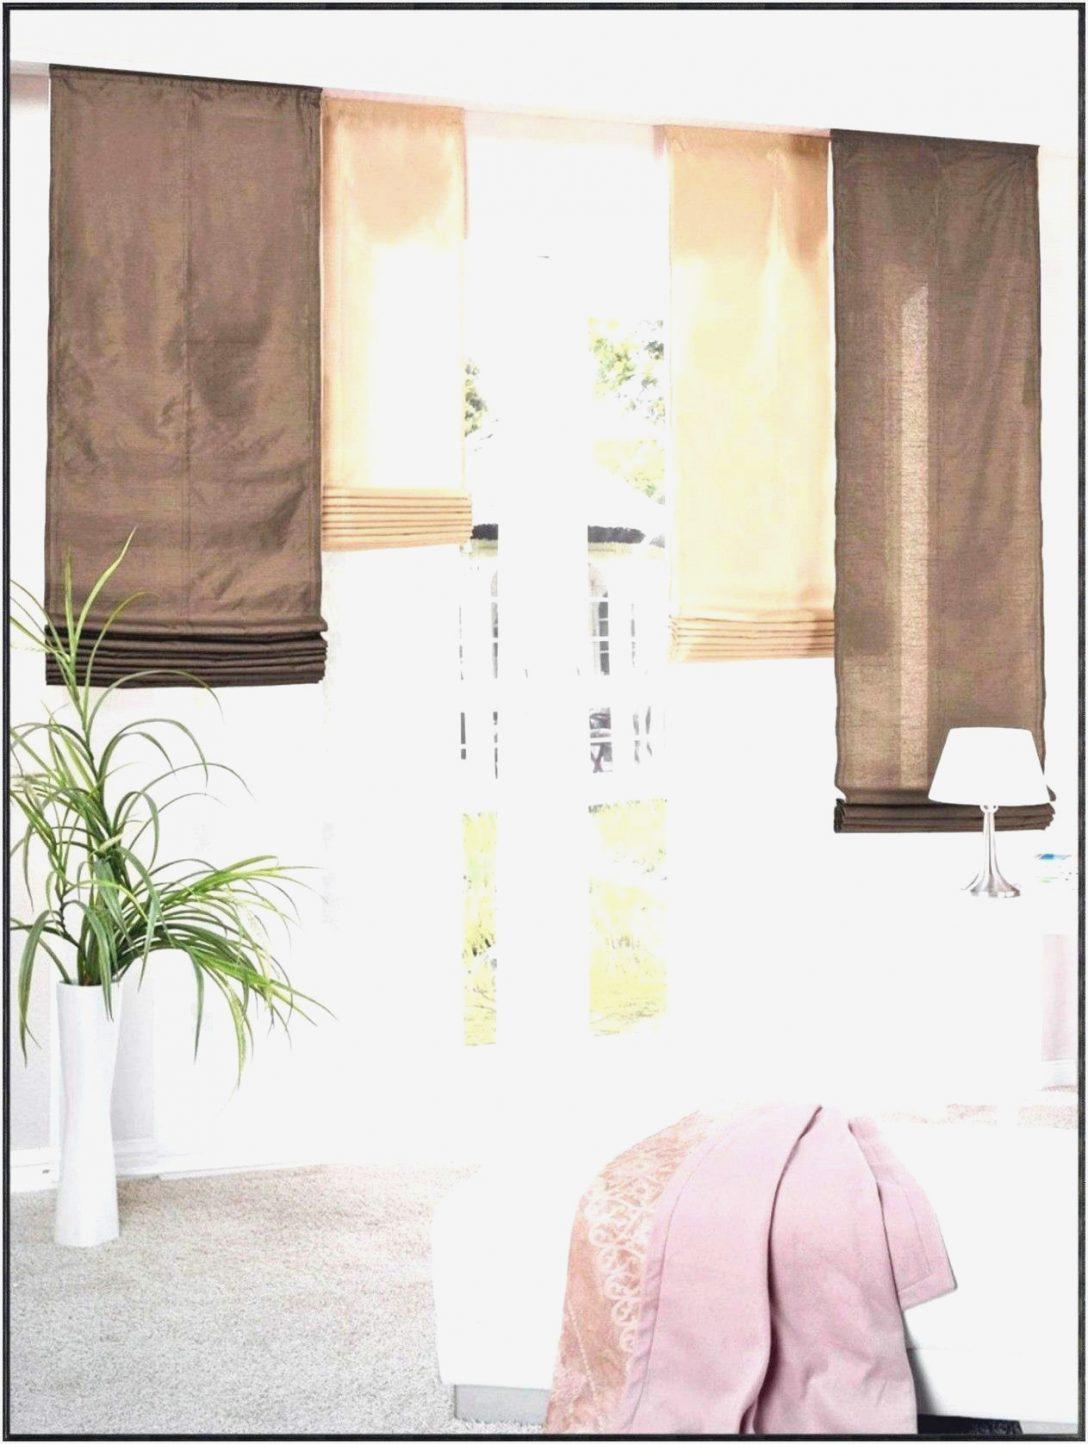 Large Size of Gardinen Wohnzimmer Ikea Hängeschrank Weiß Hochglanz Deckenleuchte Deckenlampen Küche Für Die Wandbild Kaufen Lampe Gardine Deckenleuchten Deko Wandtattoo Wohnzimmer Gardinen Wohnzimmer Ikea